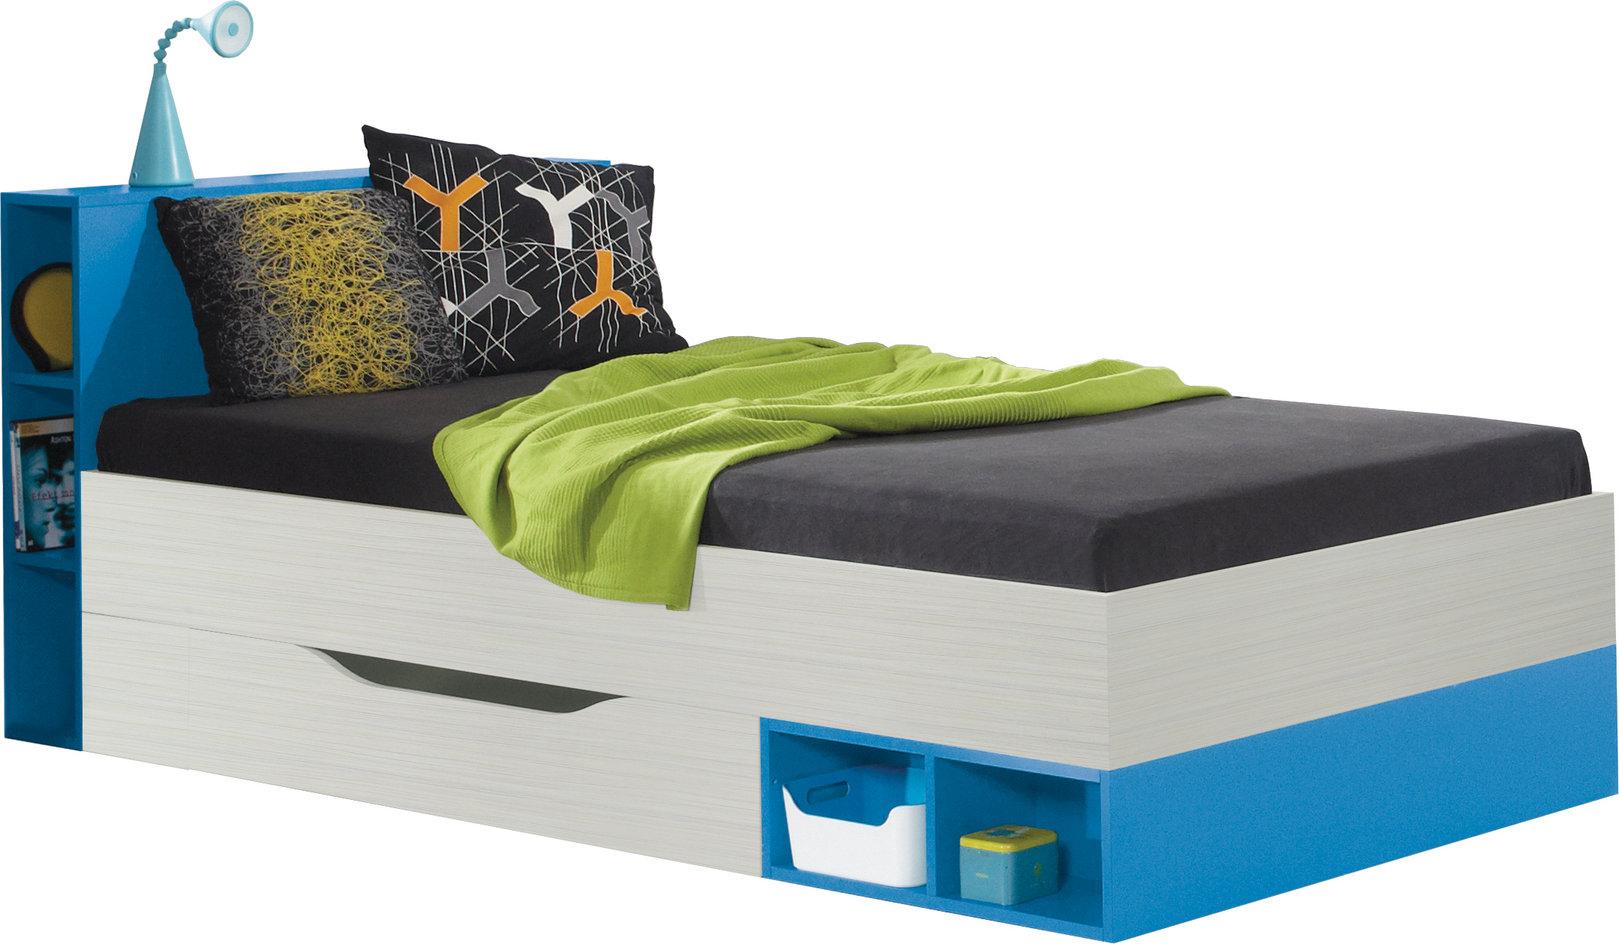 Meblar Detská posteľ Komi KM22 Farba: Modrá